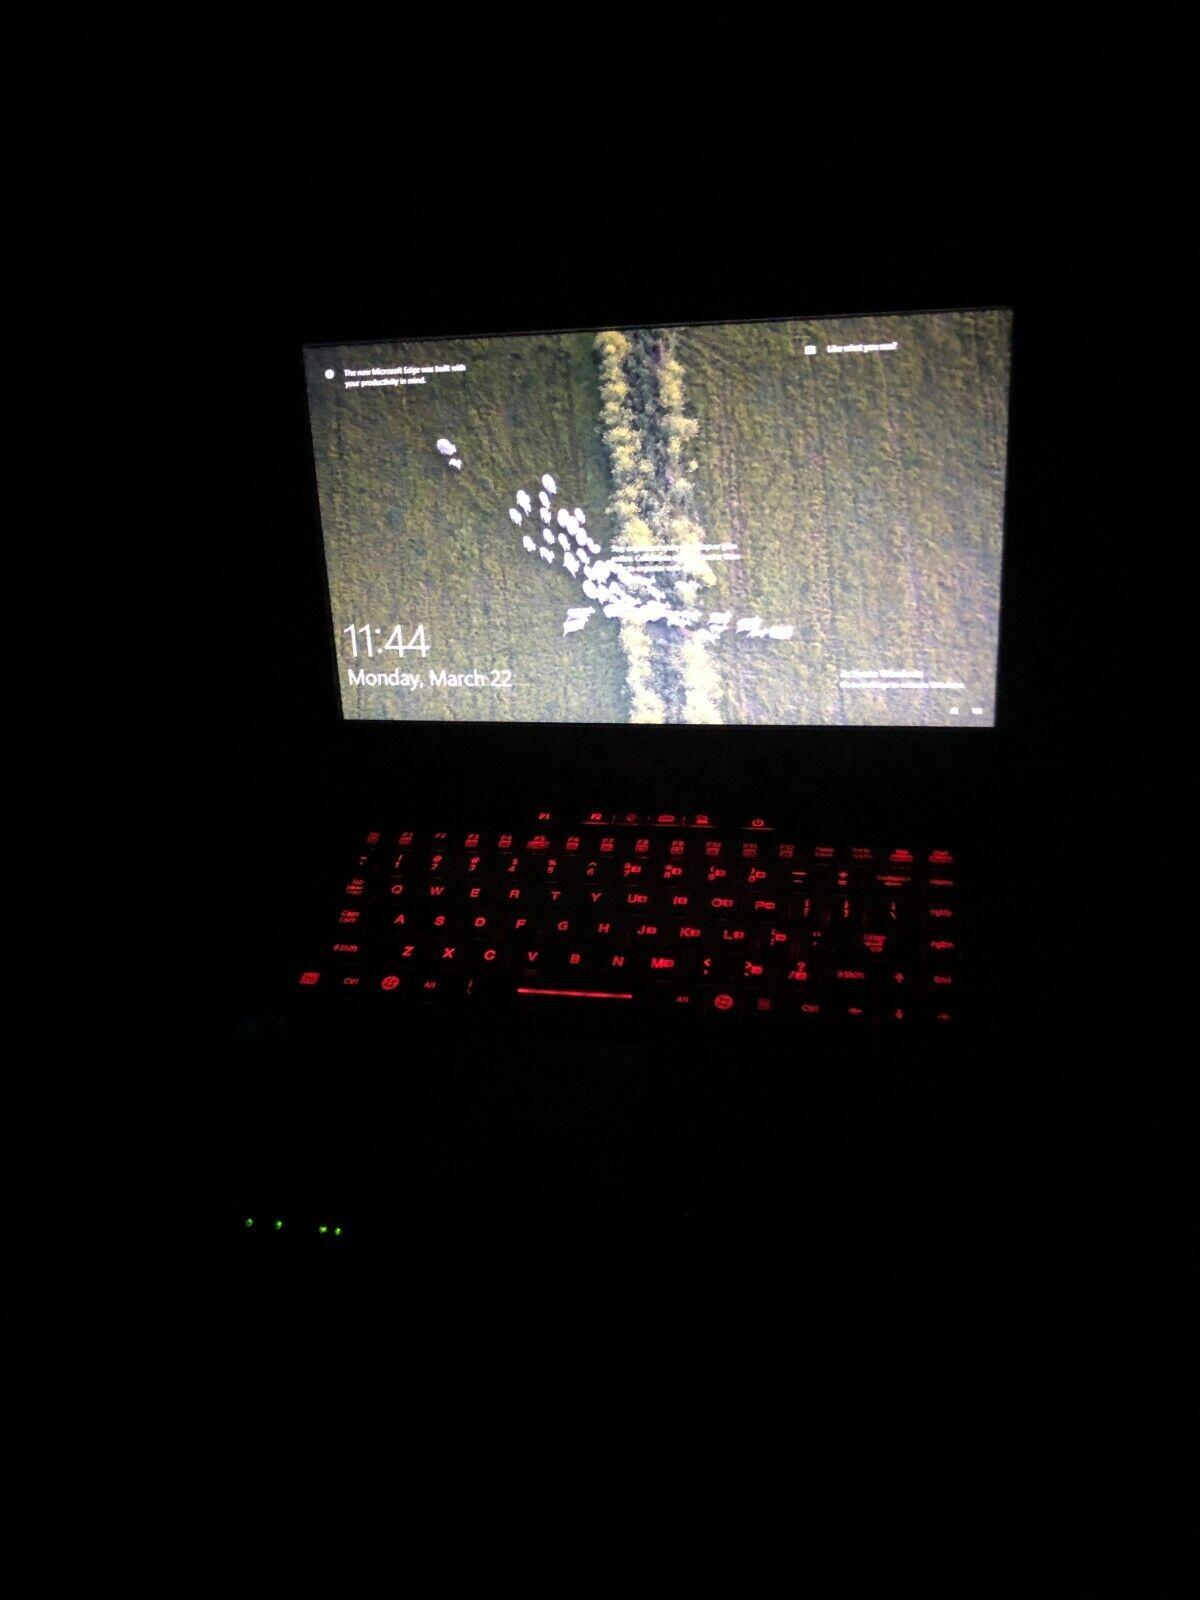 GETAC S400 Intel i5 2.60GHz, 1 TB HD, 8GB RAM, Backlit Keybo